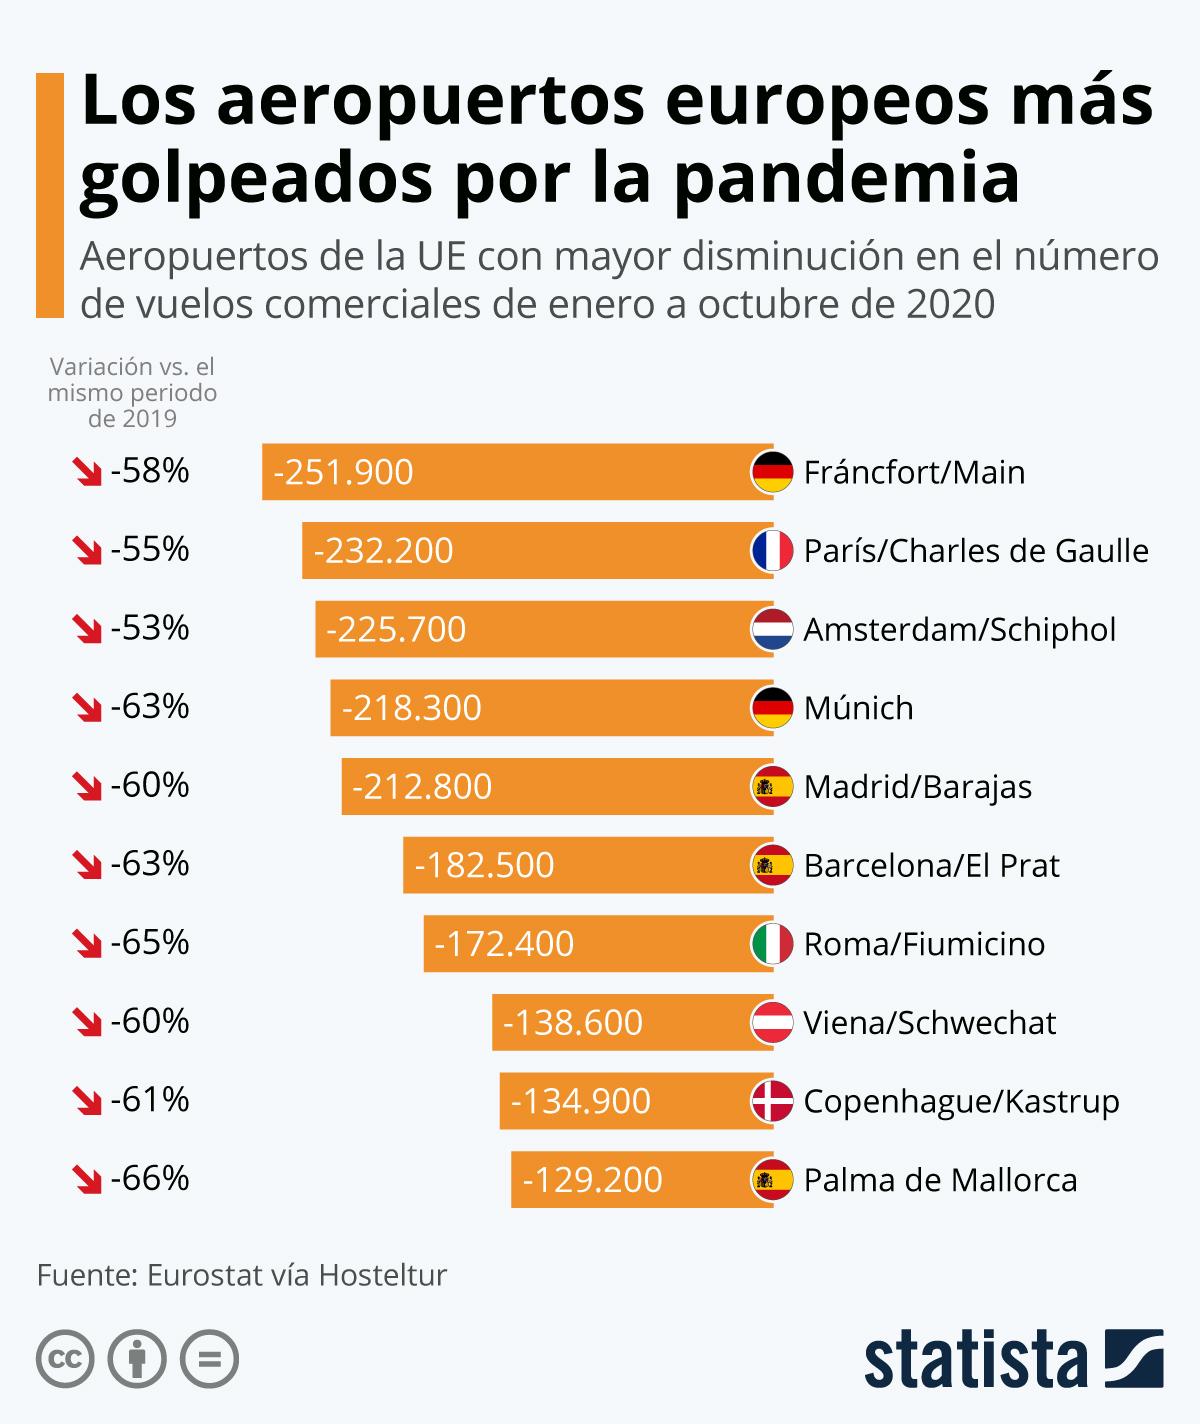 Infografía: 3 de los 10 aeropuertos europeos más afectados por la pandemia son españoles | Statista